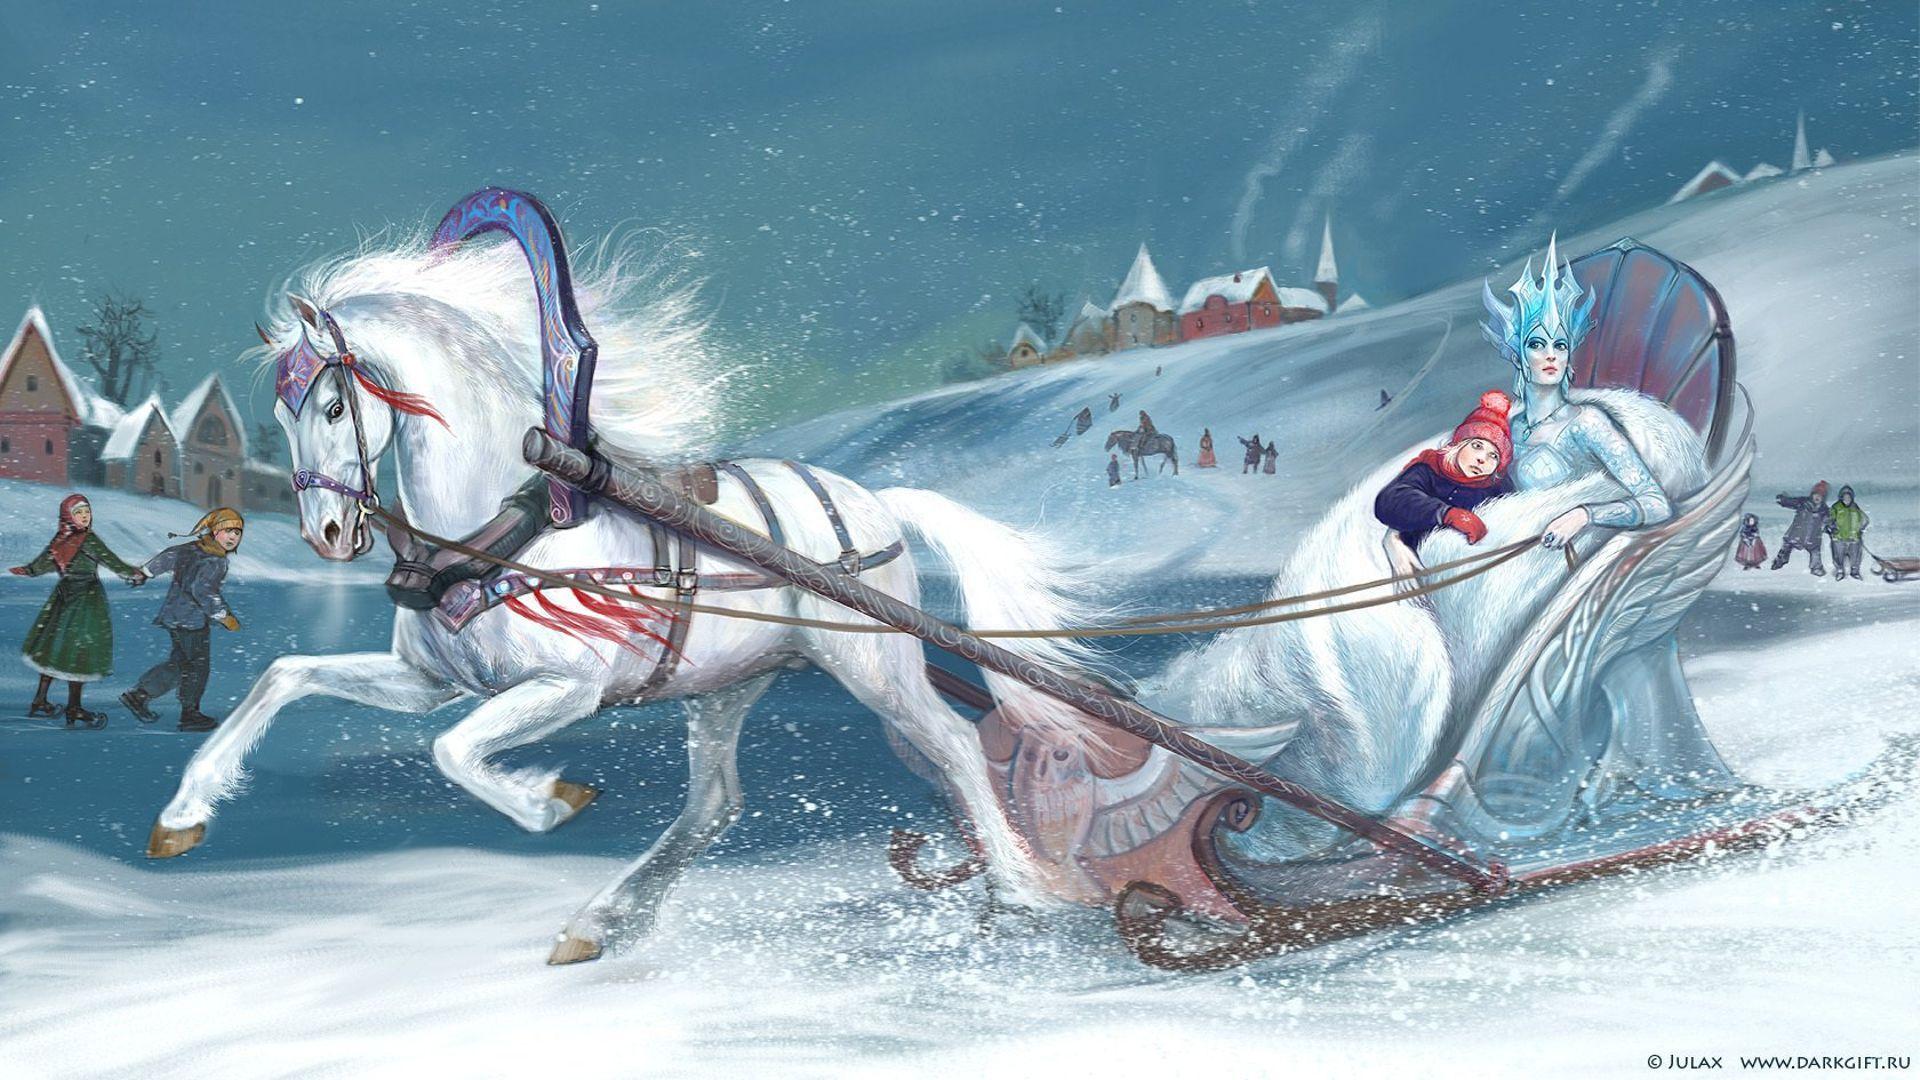 Christmas Sleigh HD Desktop Wallpaper